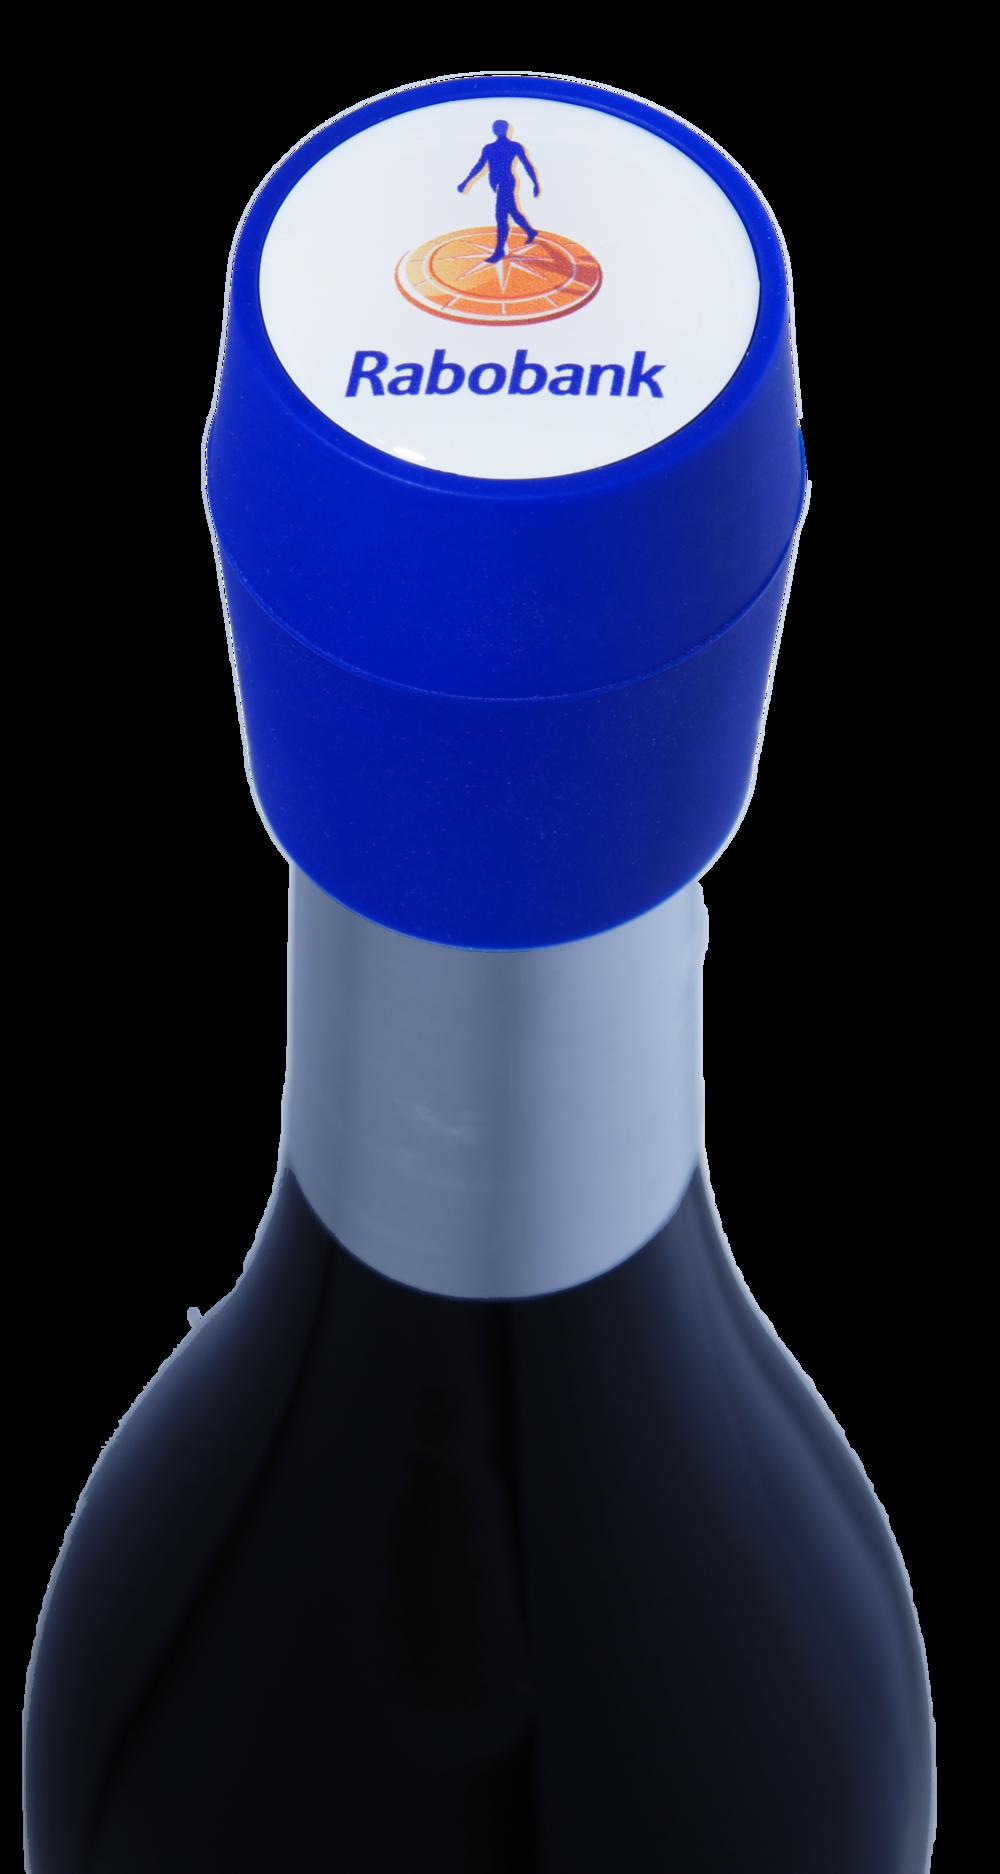 cap on bottle - blue - Rabobank-high res.png